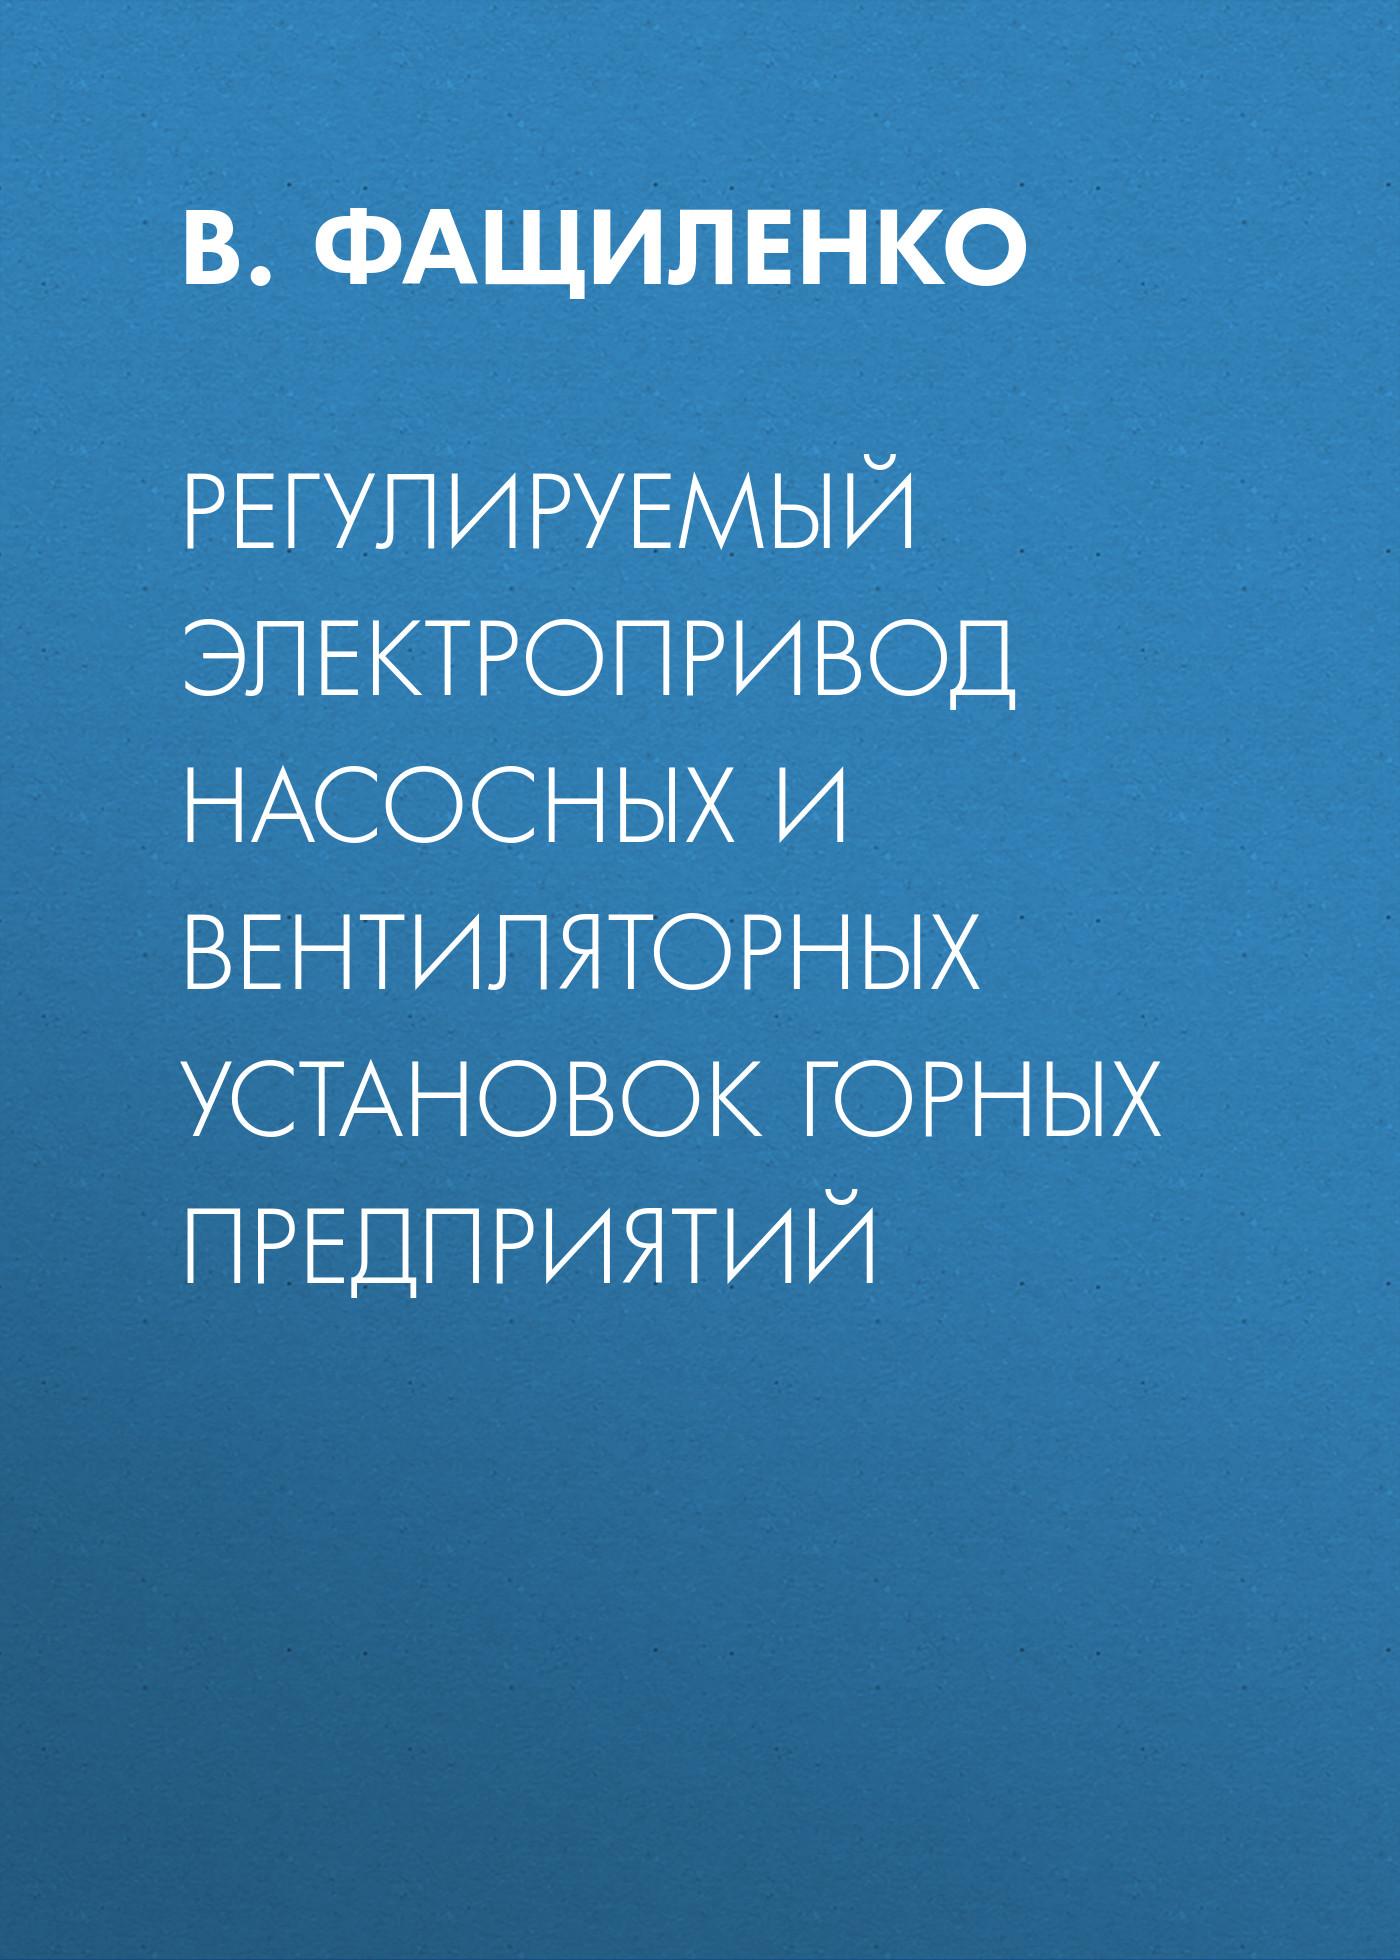 В. Фащиленко Регулируемый электропривод насосных и вентиляторных установок горных предприятий